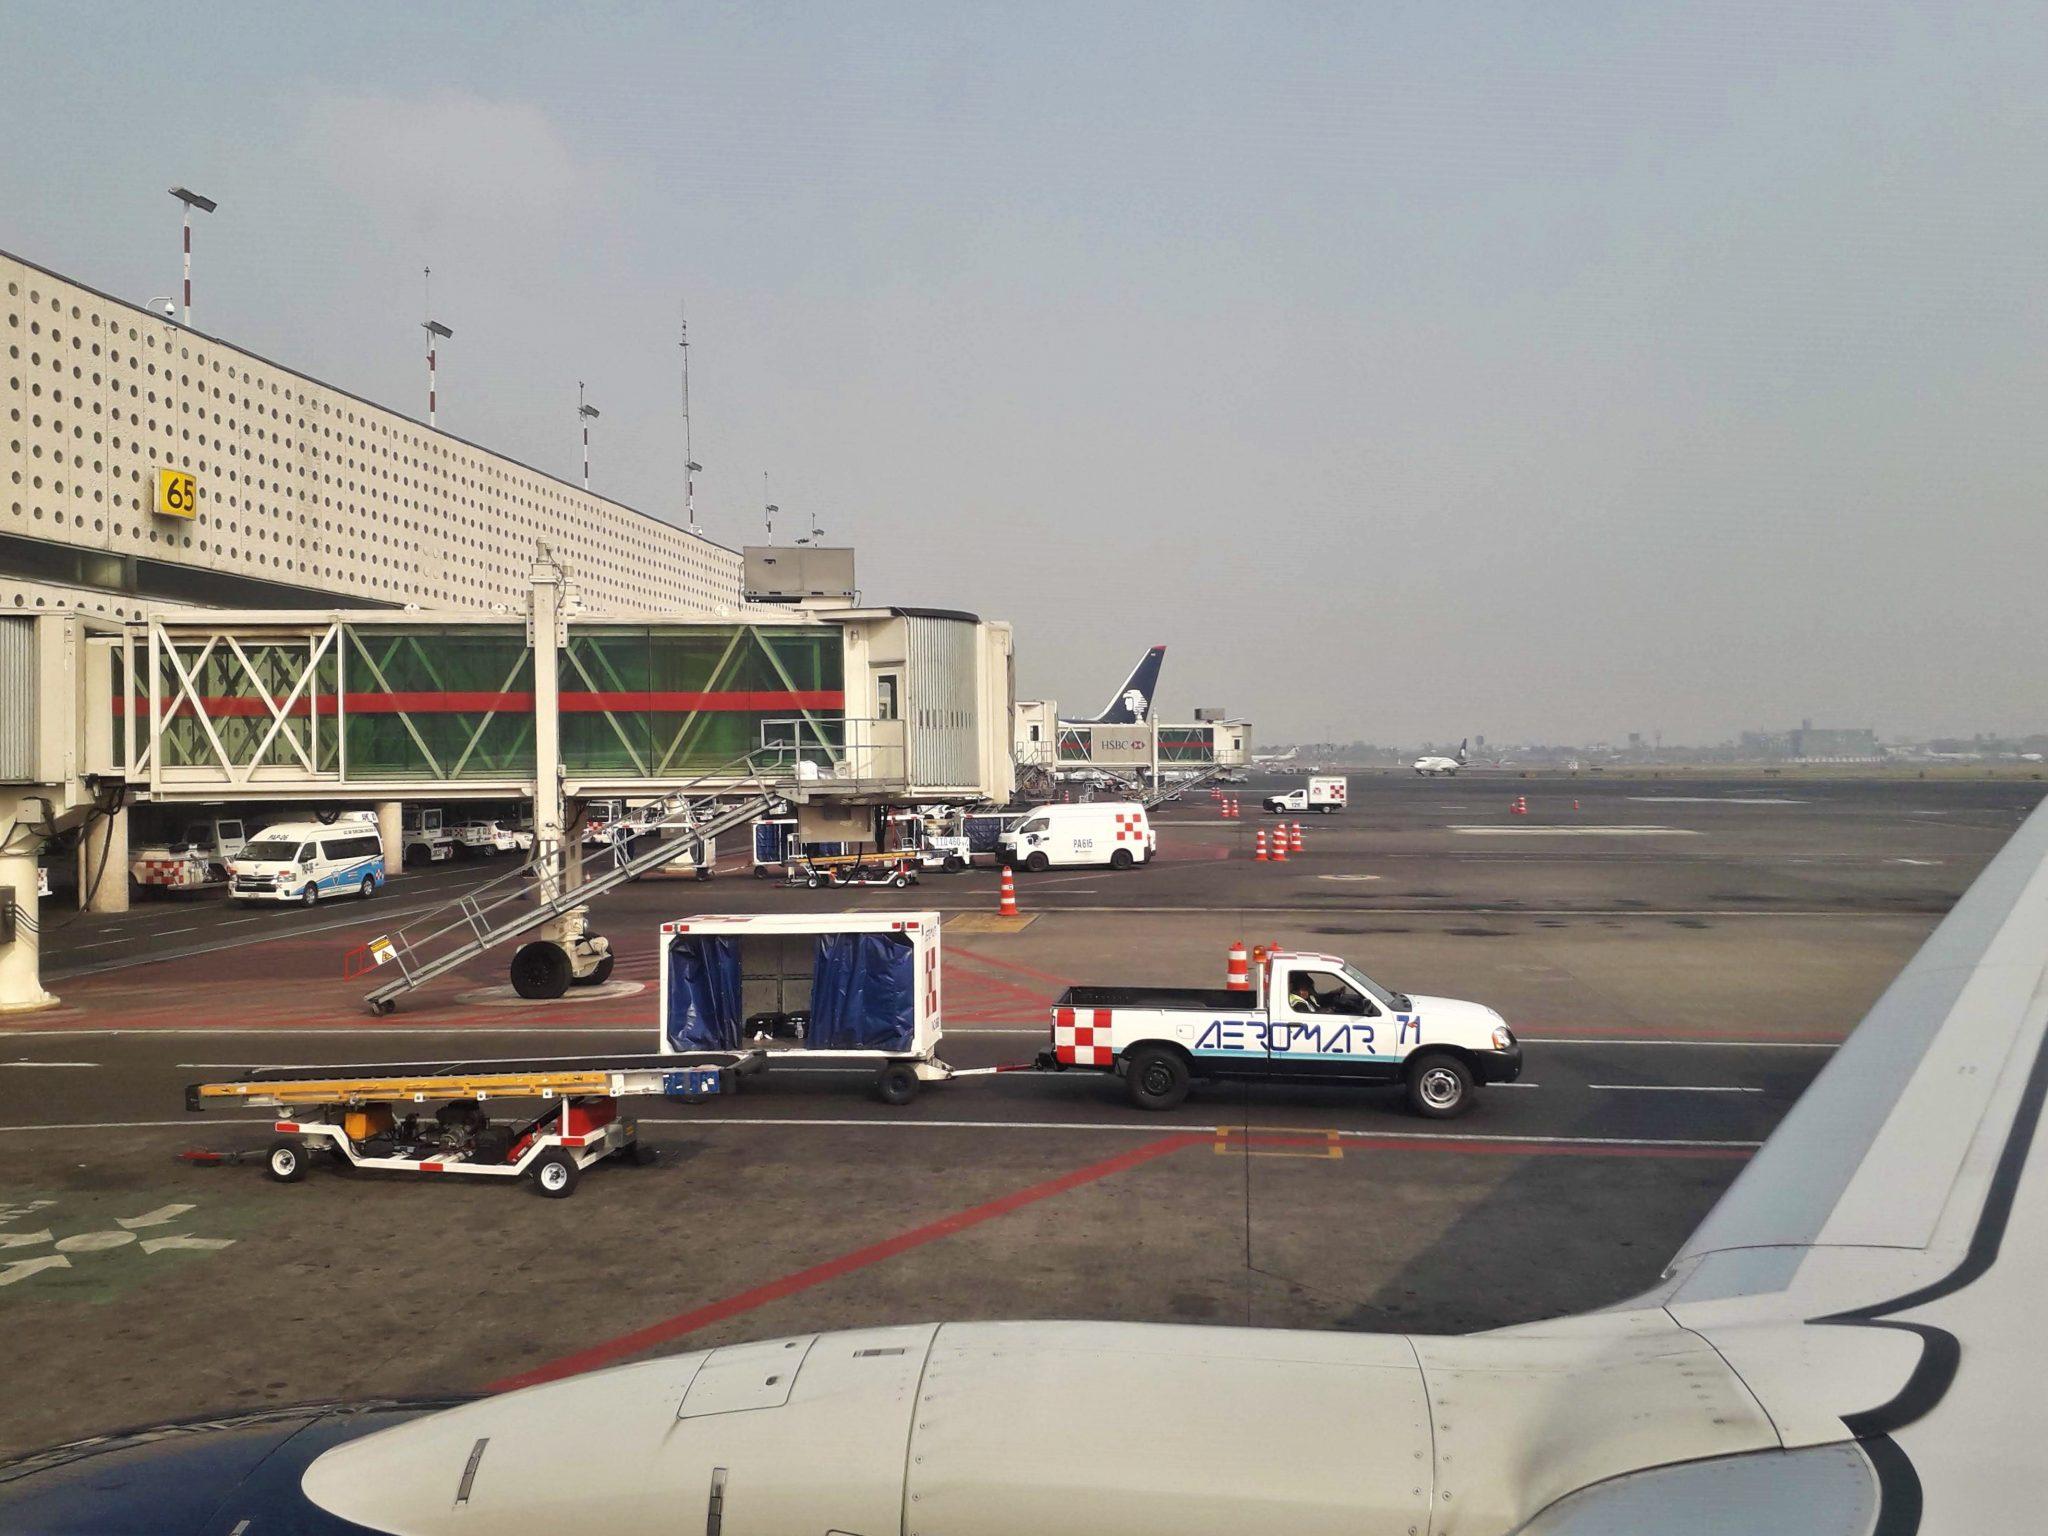 México: Covid-19 dejó a la aviación en tierra en abril